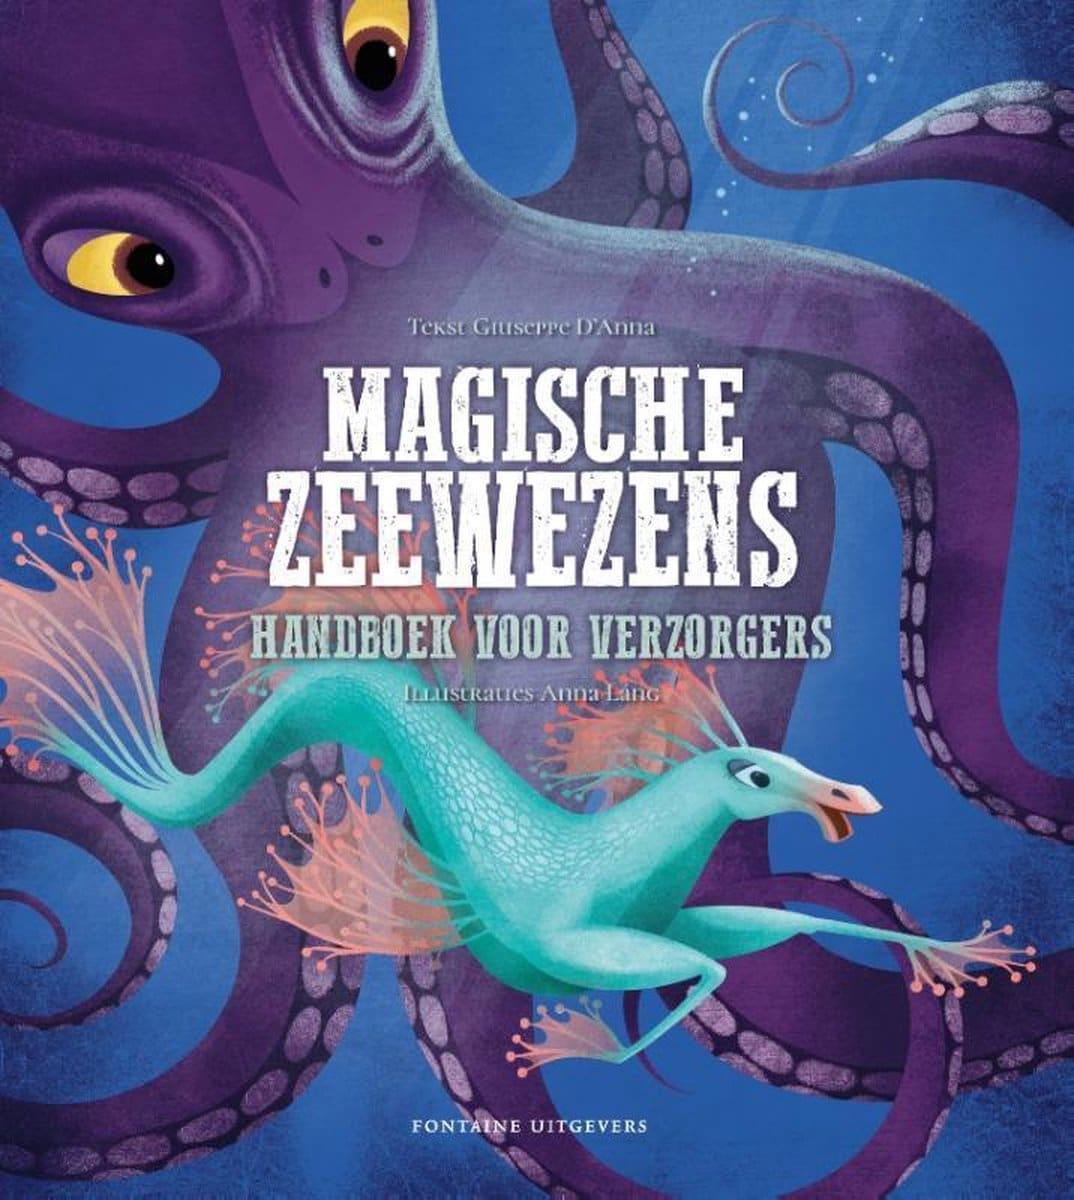 Magische zeewezens - handboek voor verzorgers